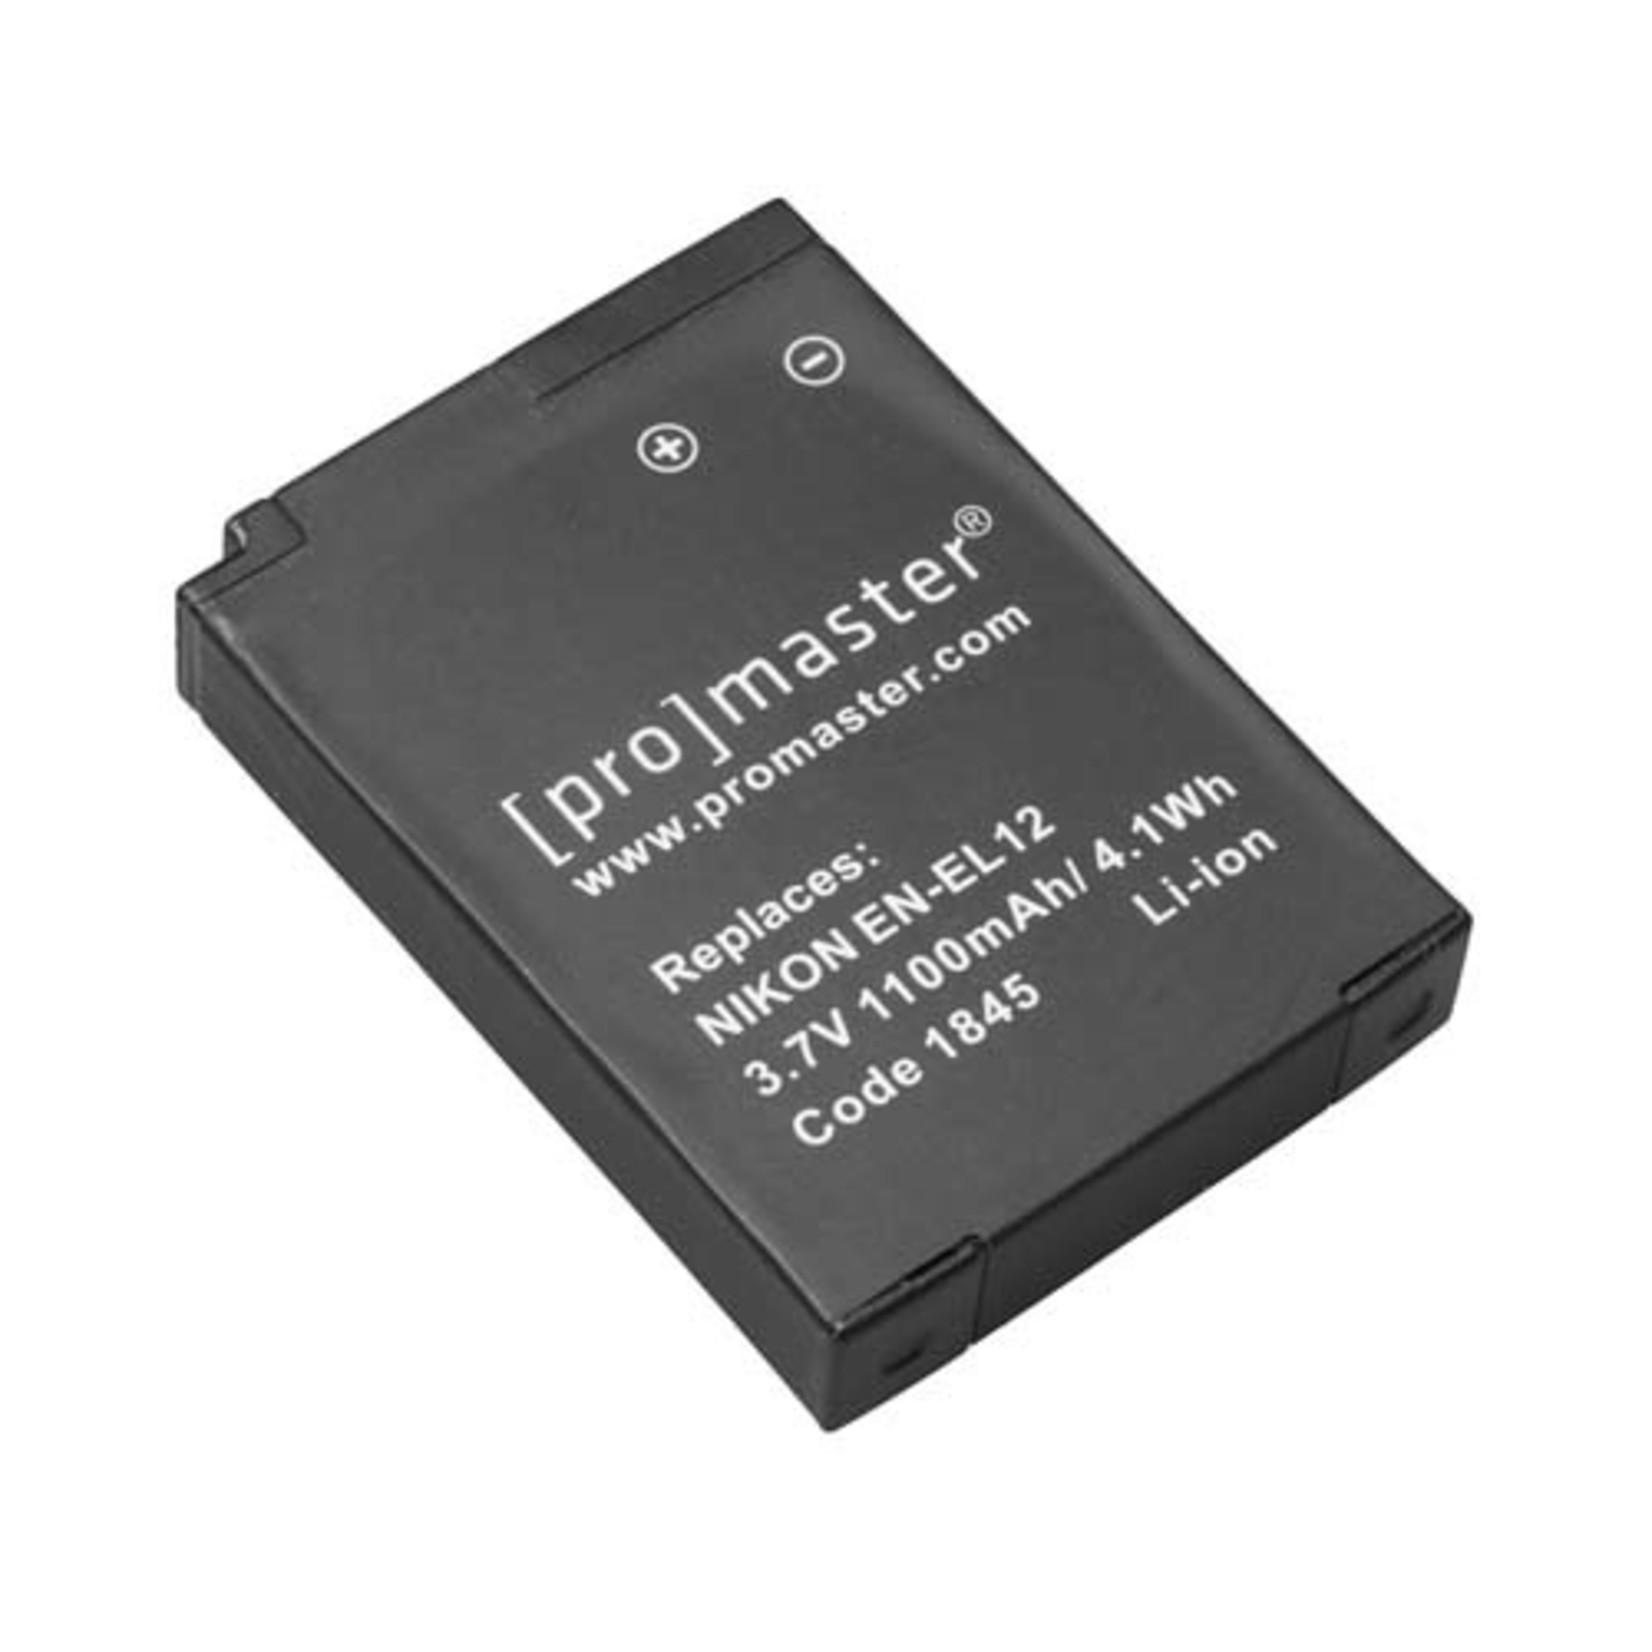 ProMaster Li-ion Battery for Nikon EN-EL12